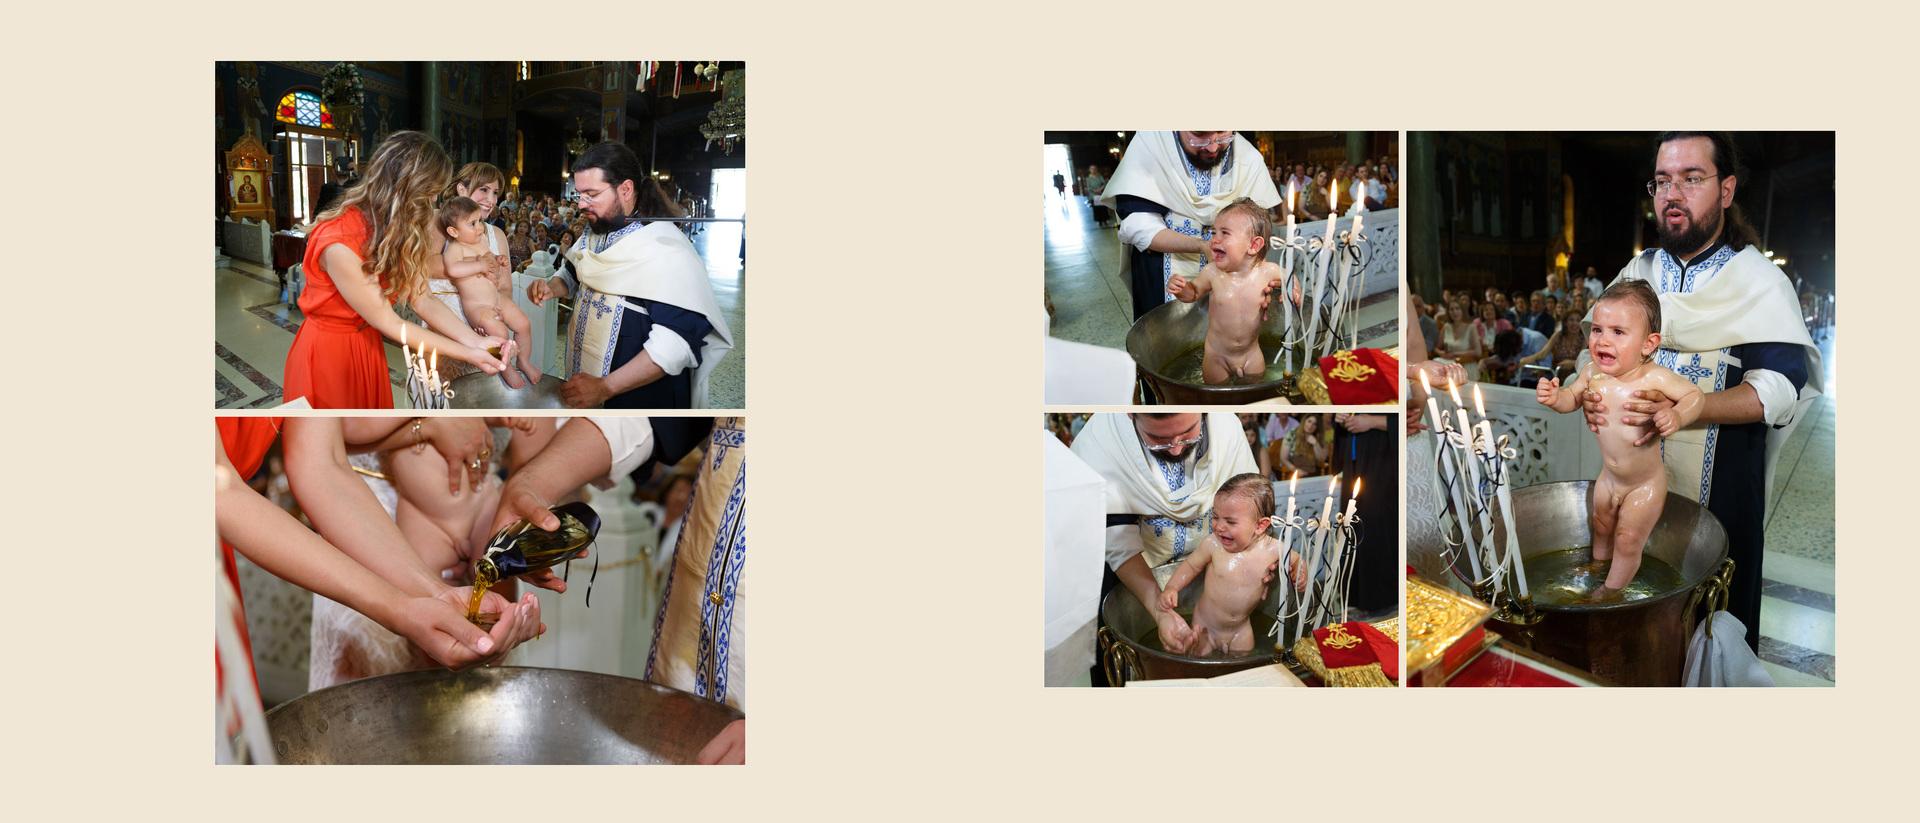 Βάπτιση Φωτογραφία Αθήνα Ζωγράφου Ιερός Ναός Αγίου Θωμά